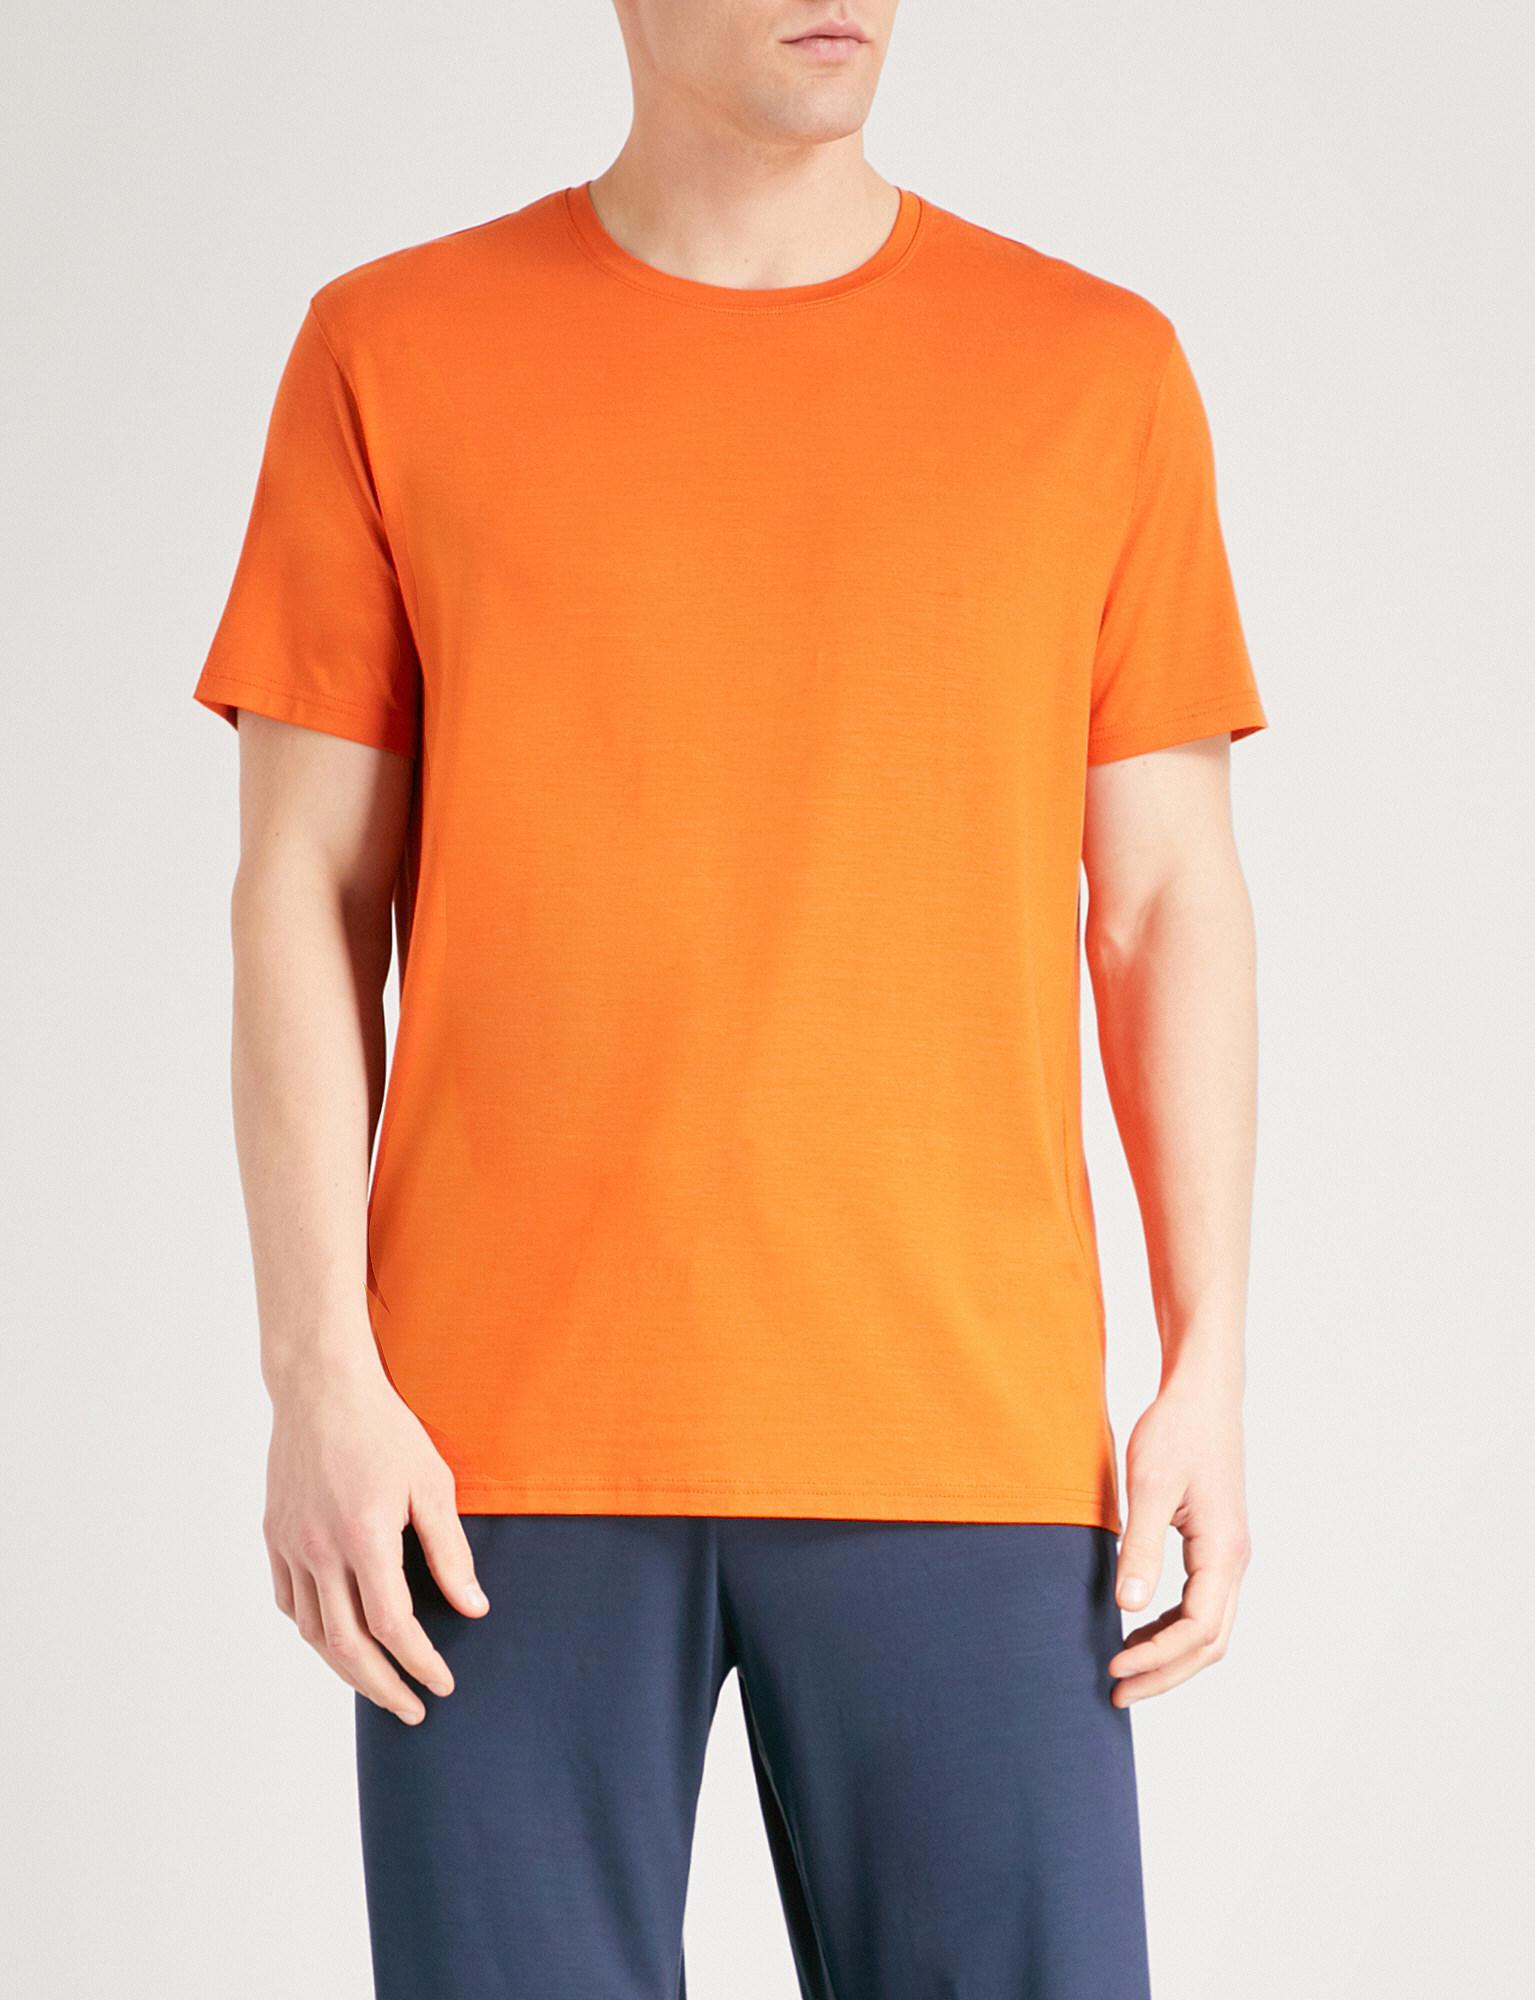 DEREK ROSE T-shirt en jersey stretch Basel vfq2t97Frj